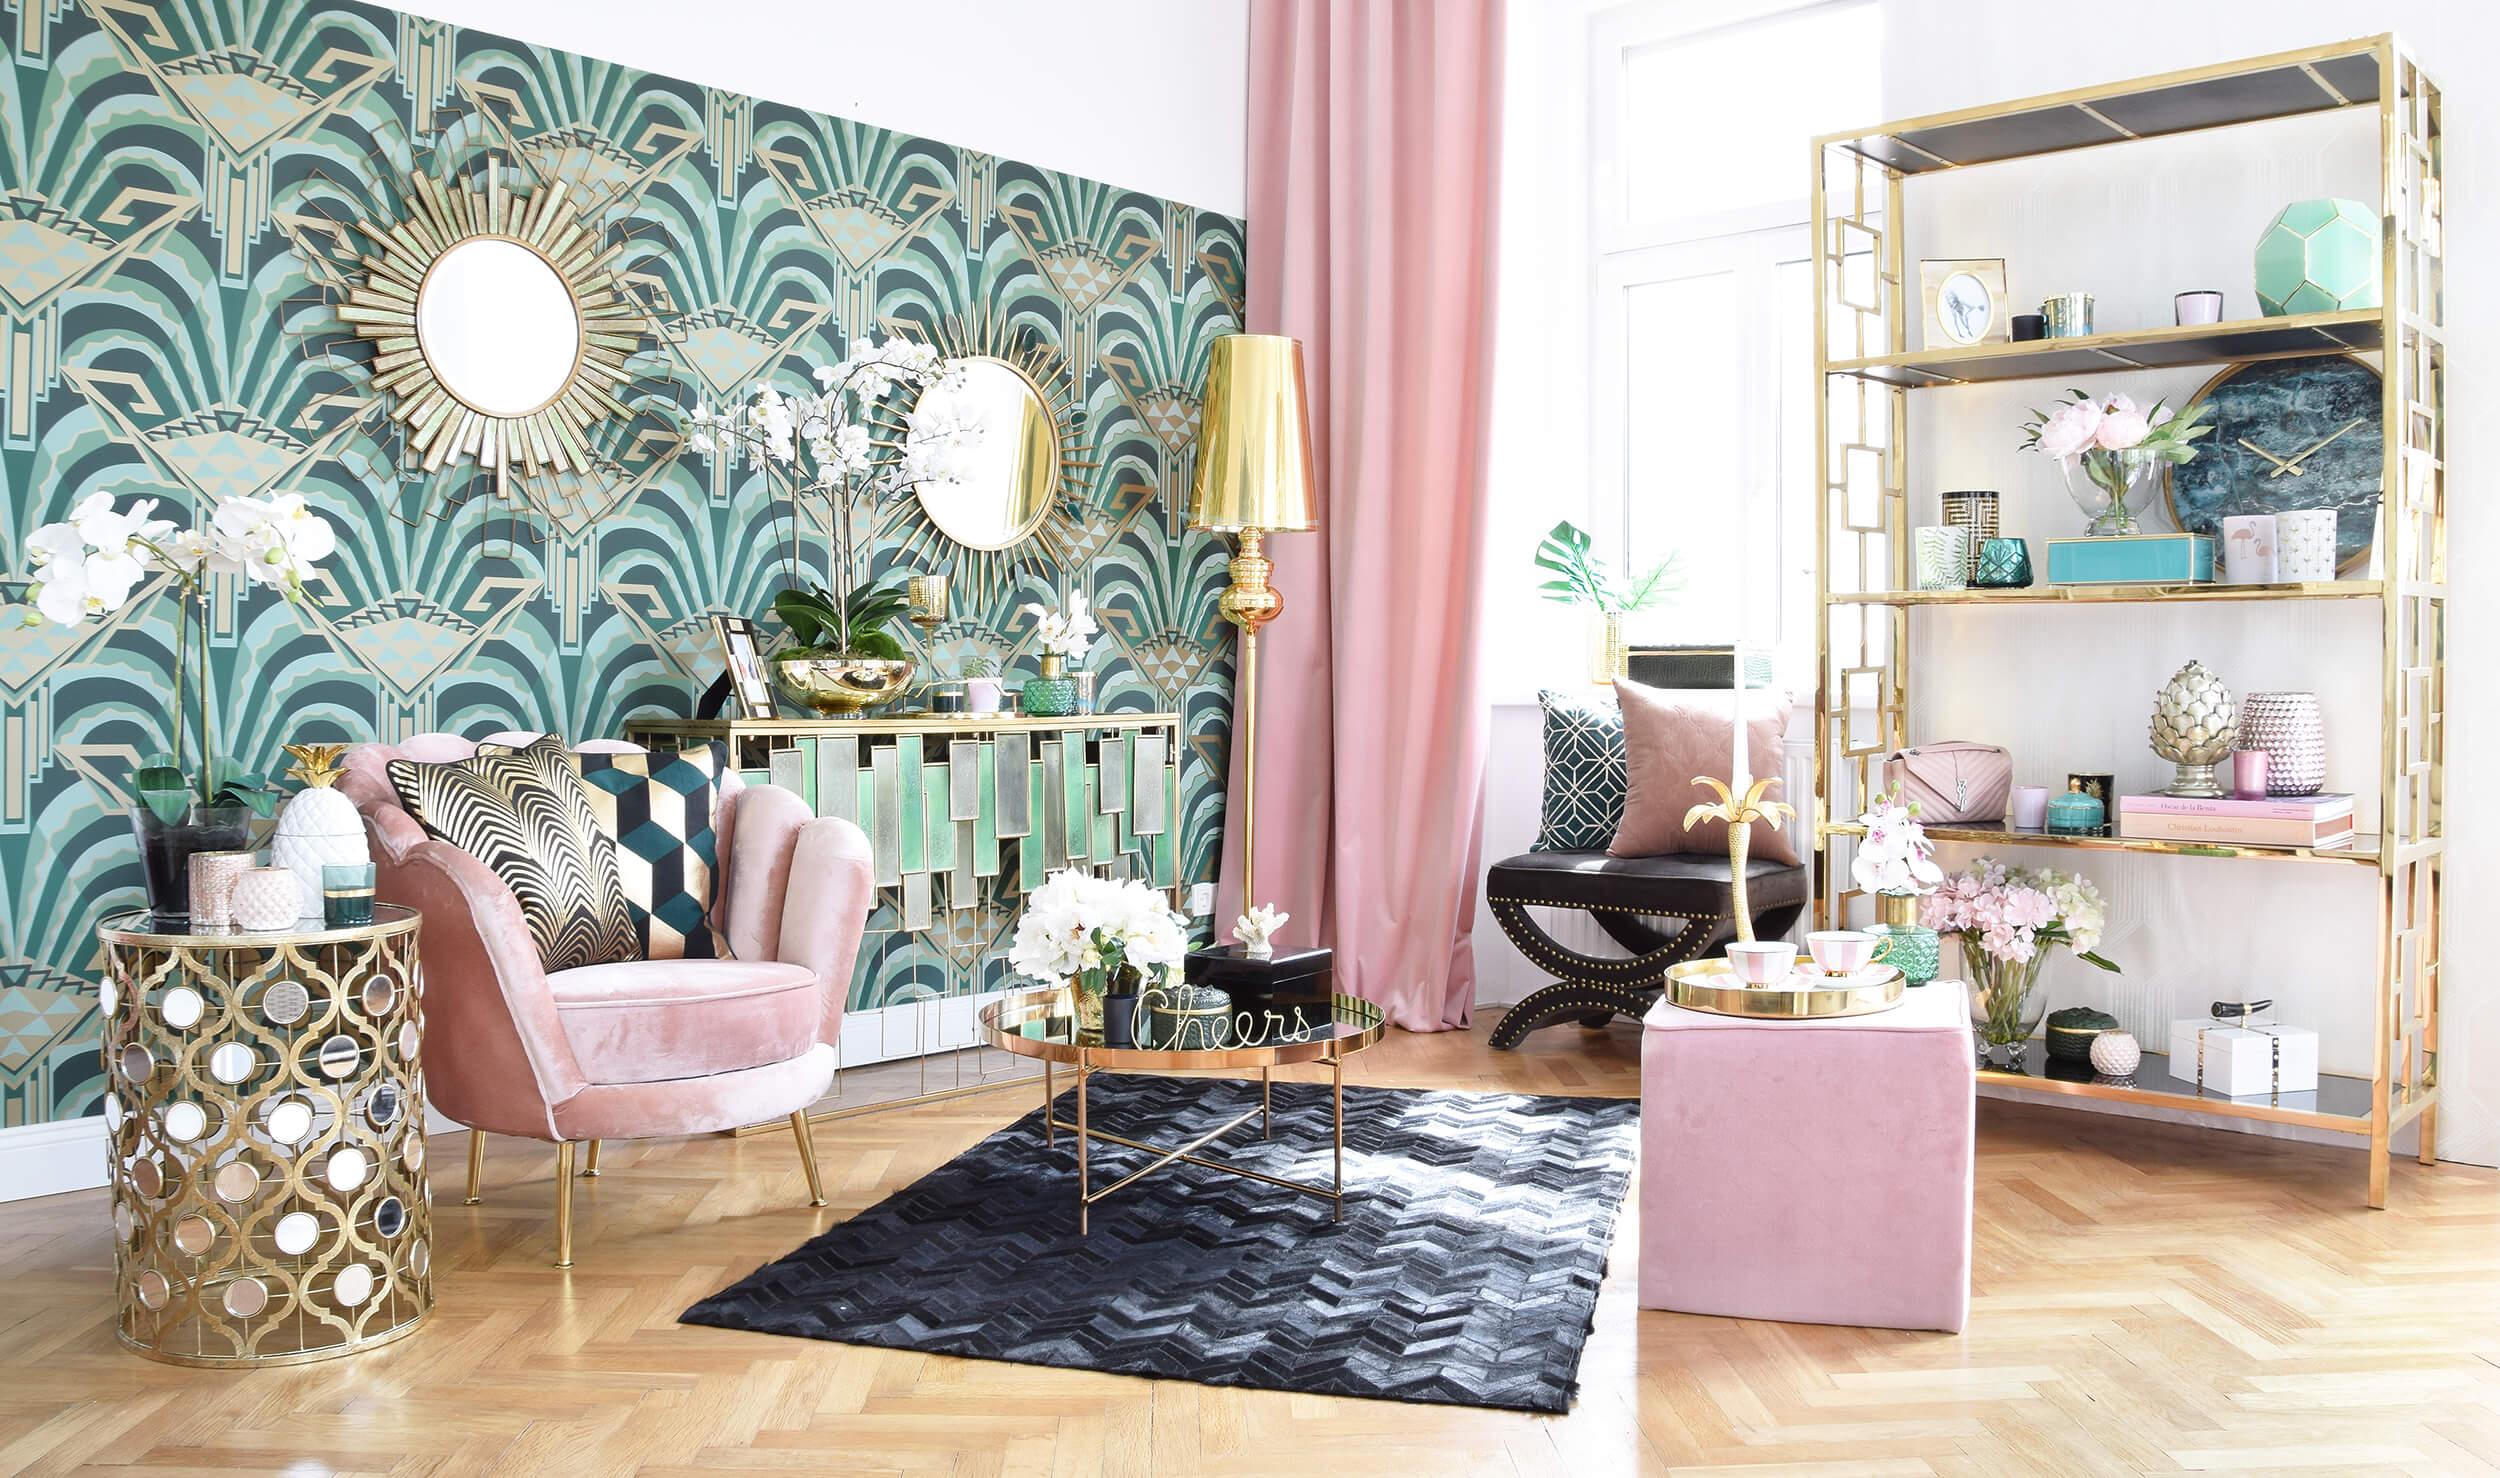 Beverly Hills Hotel-Lounge Wohnzimmer